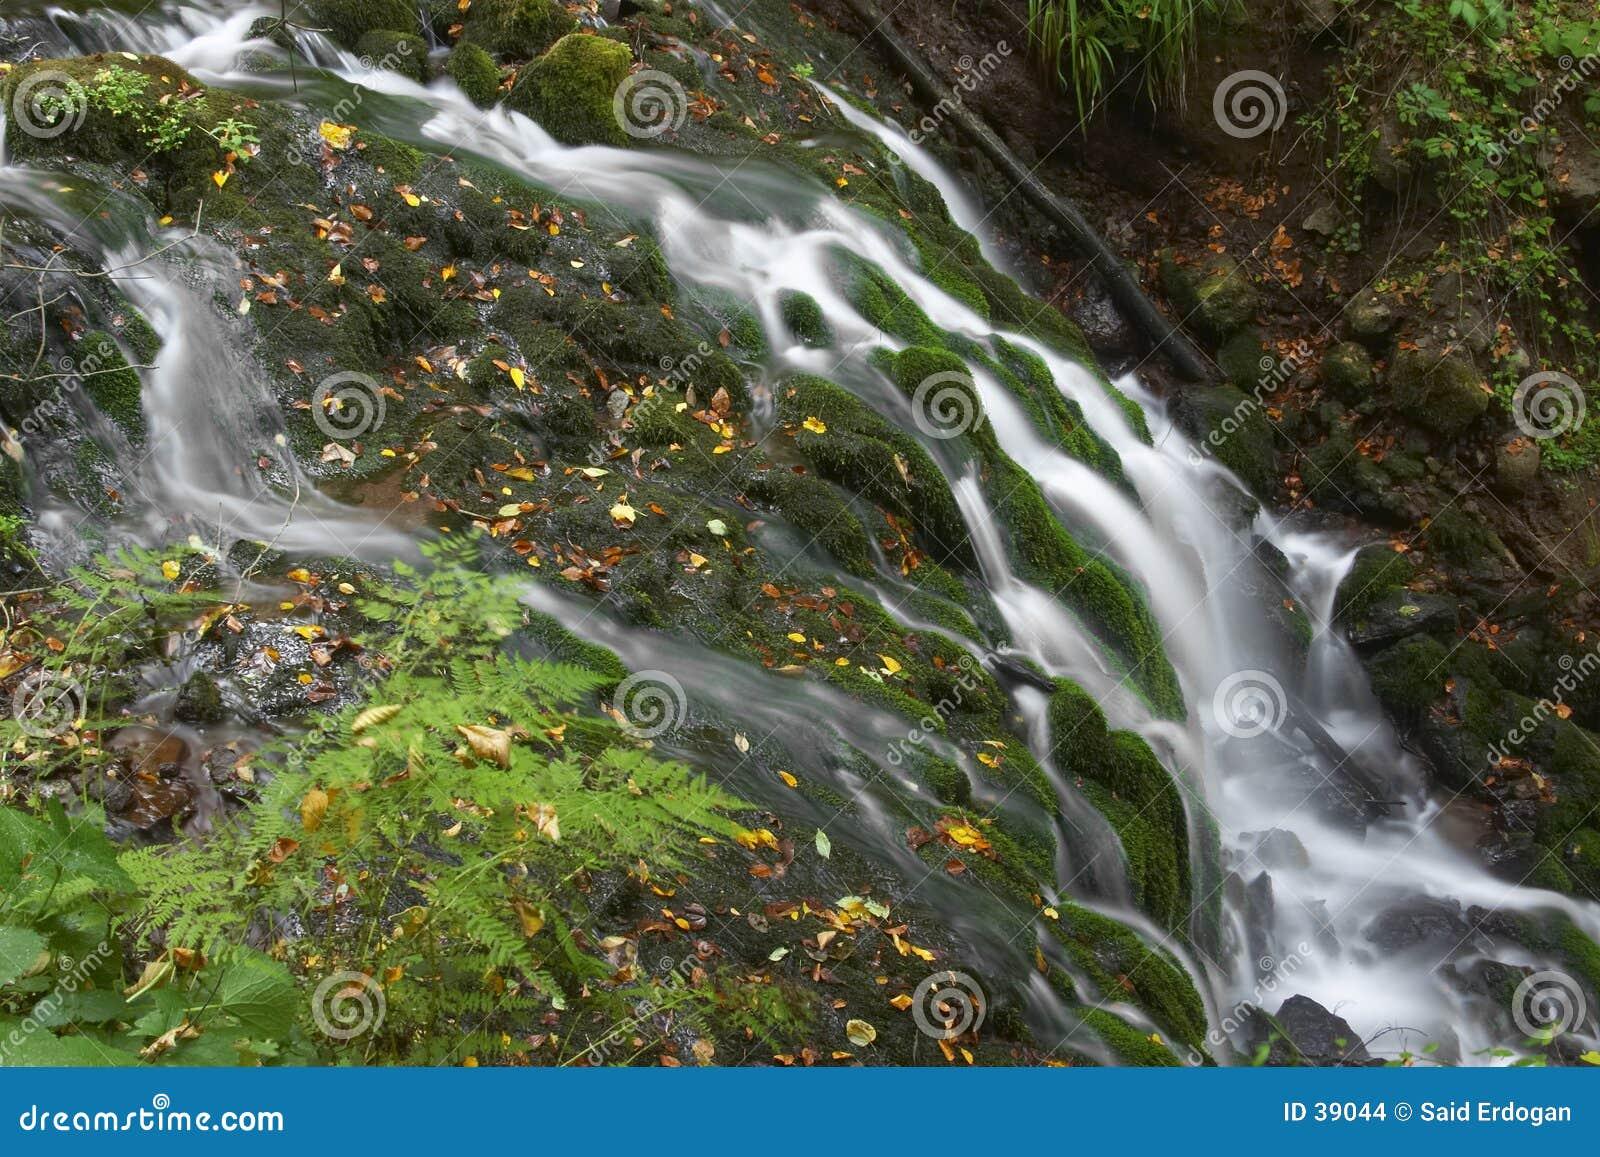 Texture Falls